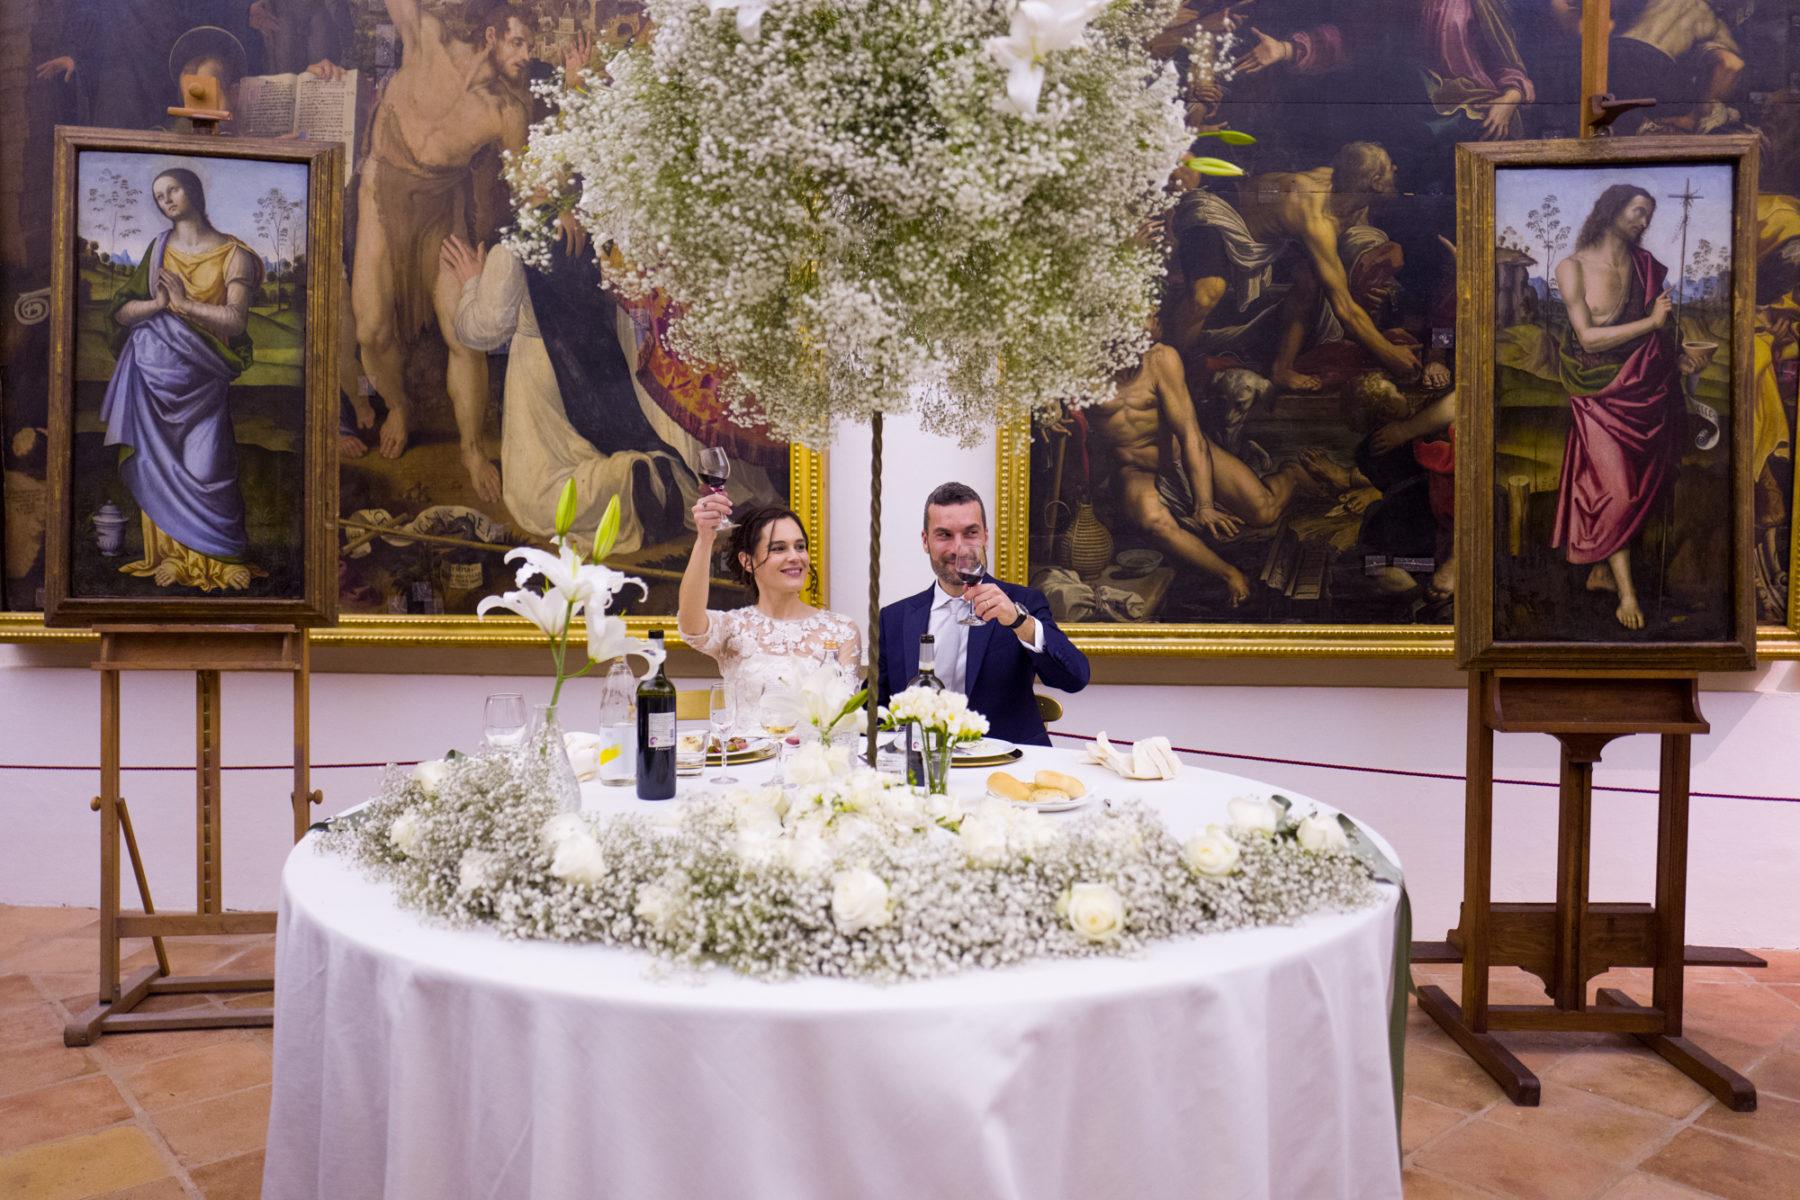 Gli sposi Giacomo e Laura celebrano il matrimonio in Pinacoteca